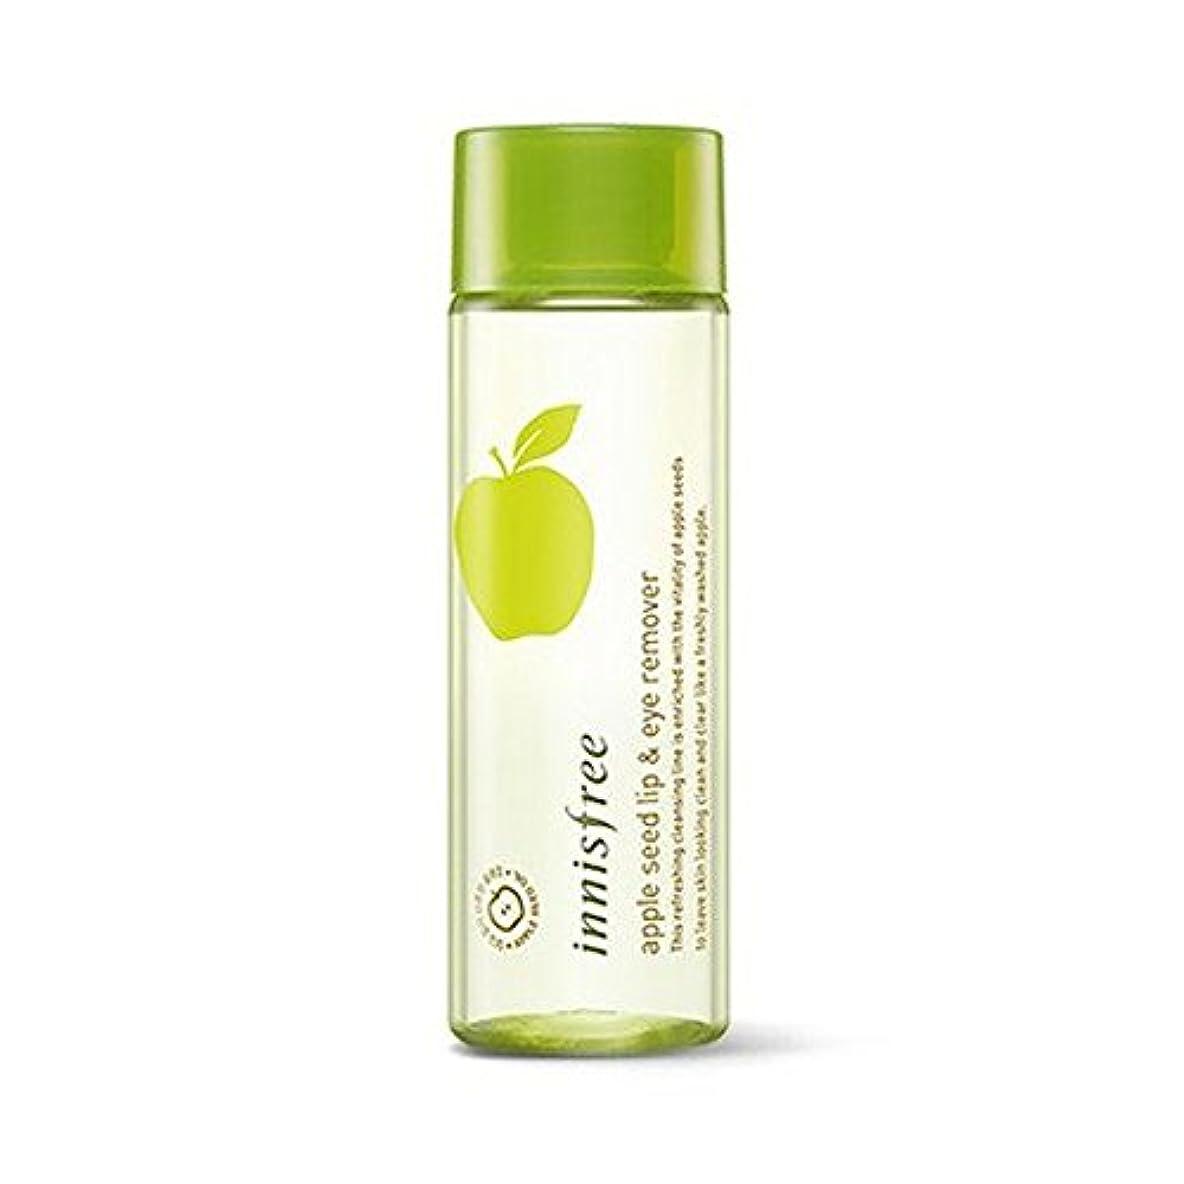 氏自分の力ですべてをする何故なのINNISFREE Apple Seed Lip & Eye Remover 100 ml (並行輸入品)